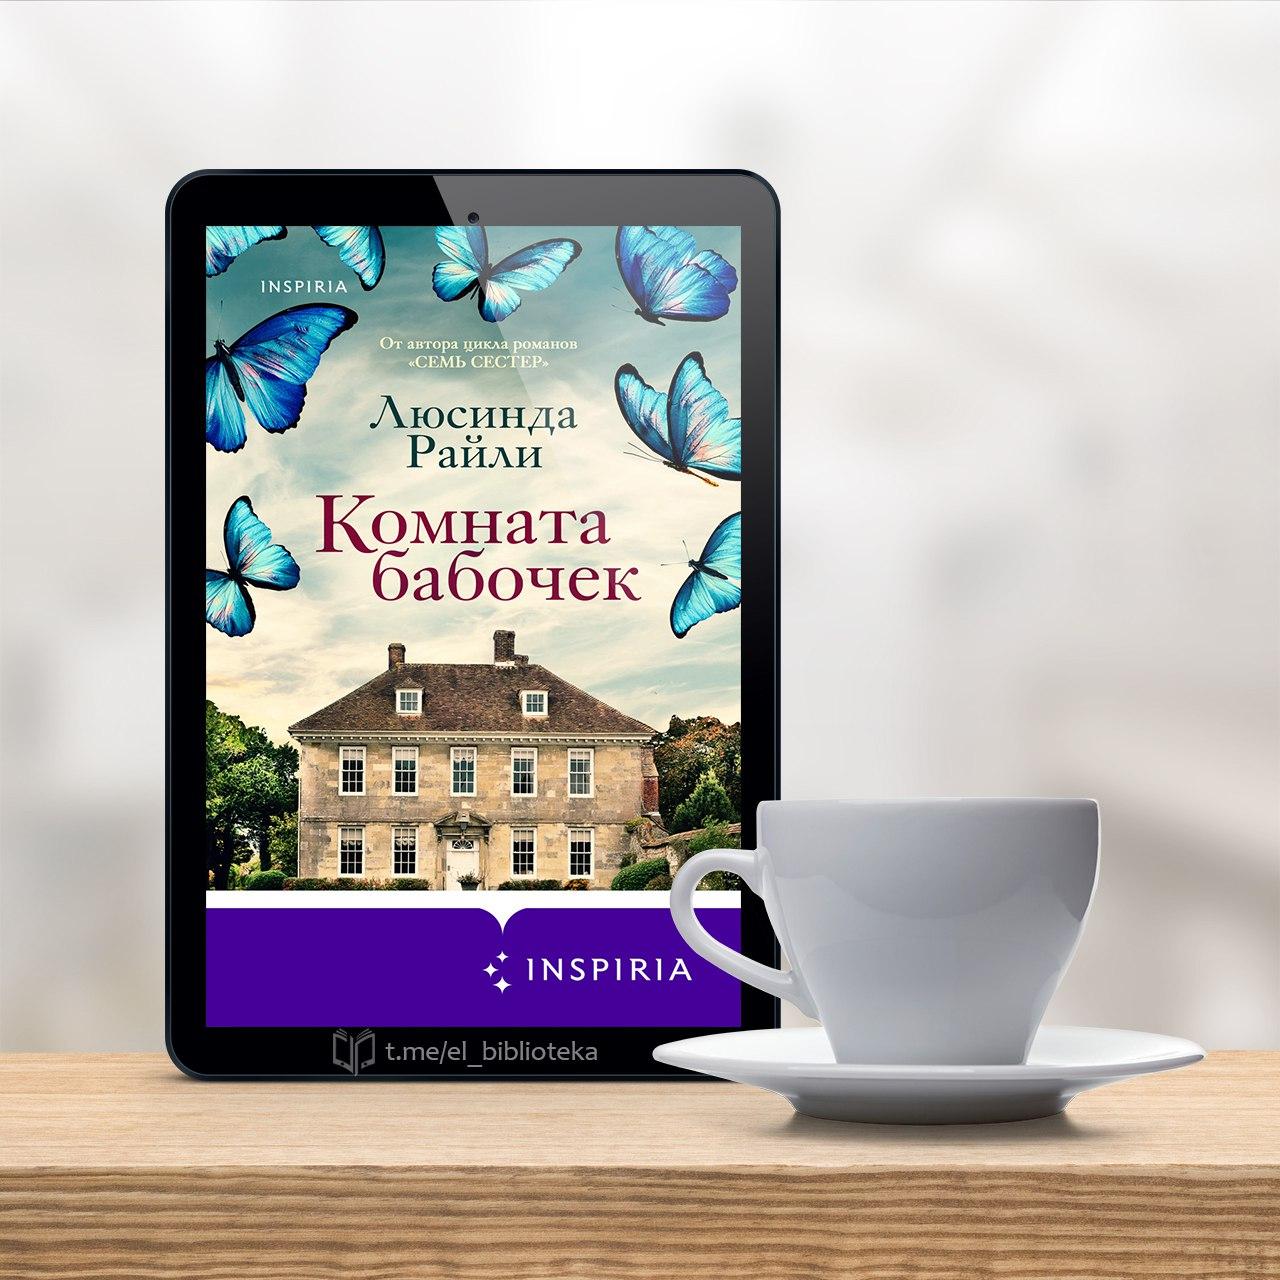  Комната бабочек  Автор:  Райли_Люсинда  Год издания: 2021  Серия «Novel.